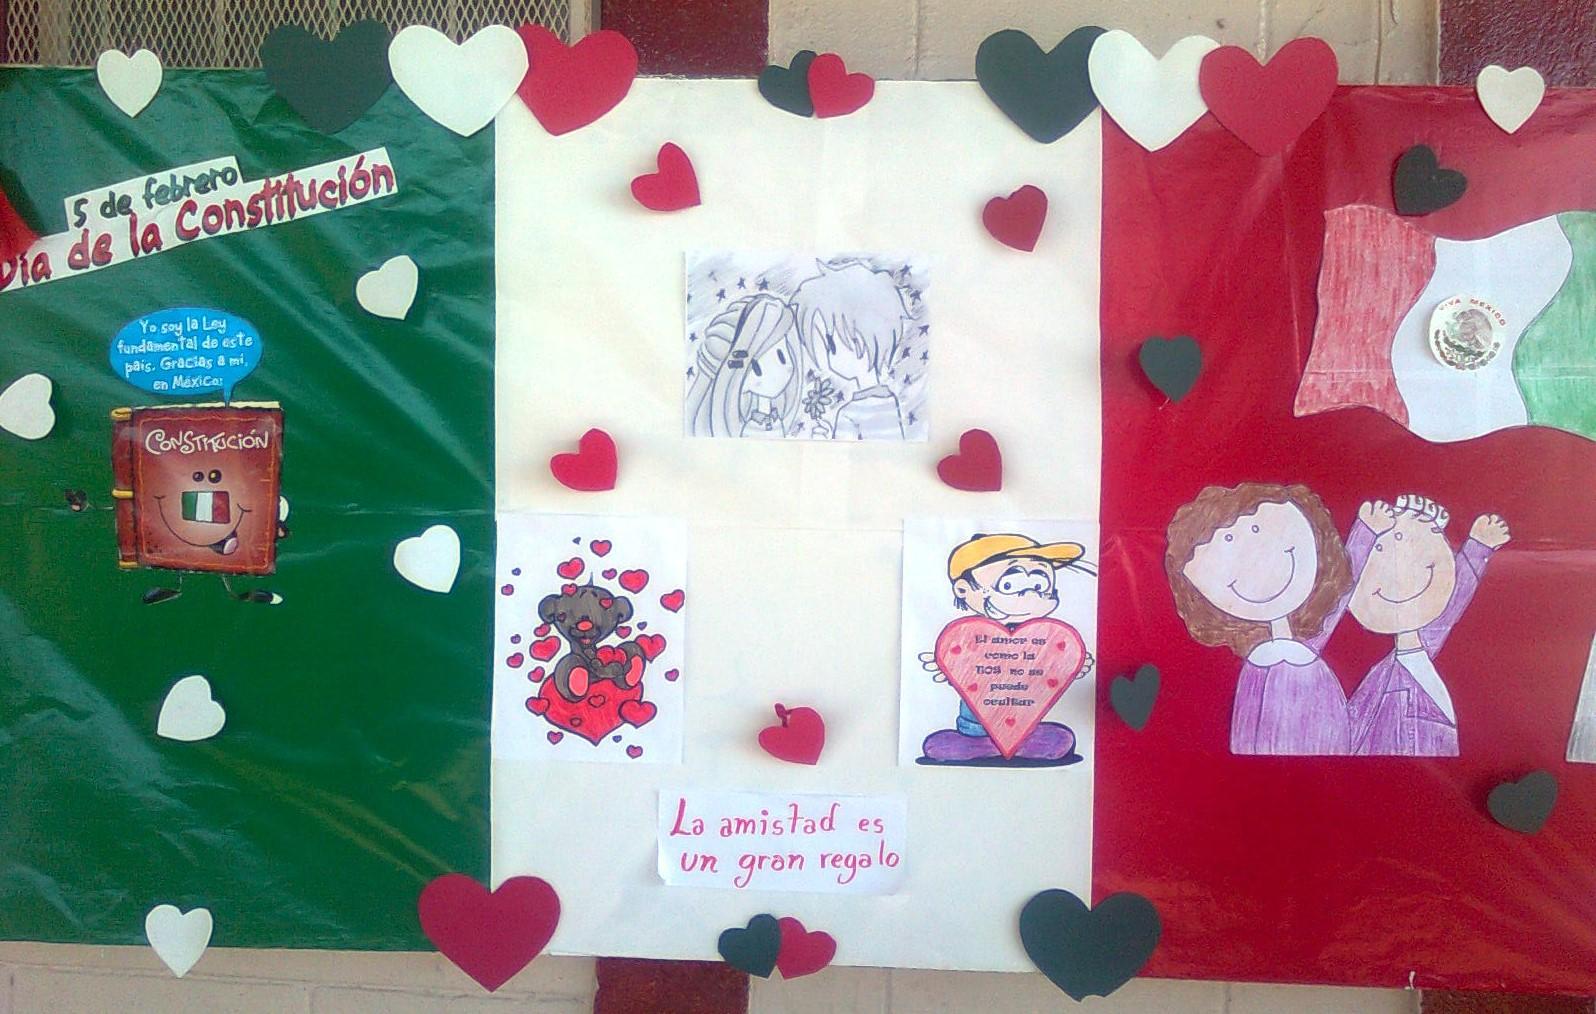 Periodico mural febrero (4) Imagenes